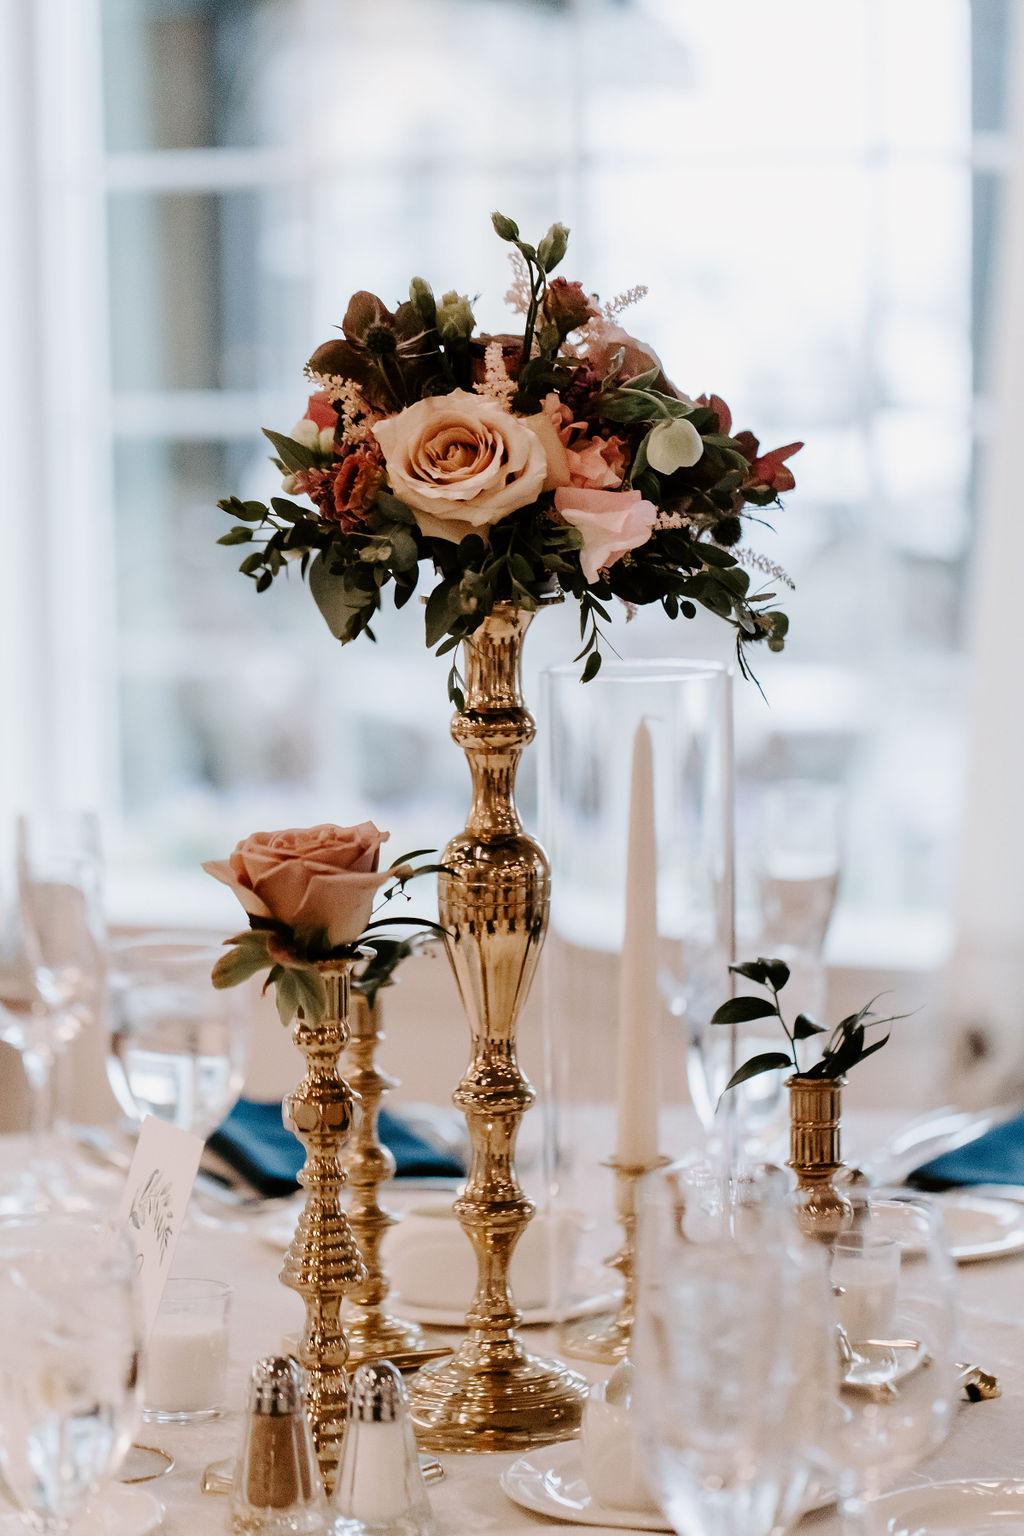 saybrook-point-inn-and-spa-wedding-flowers-12